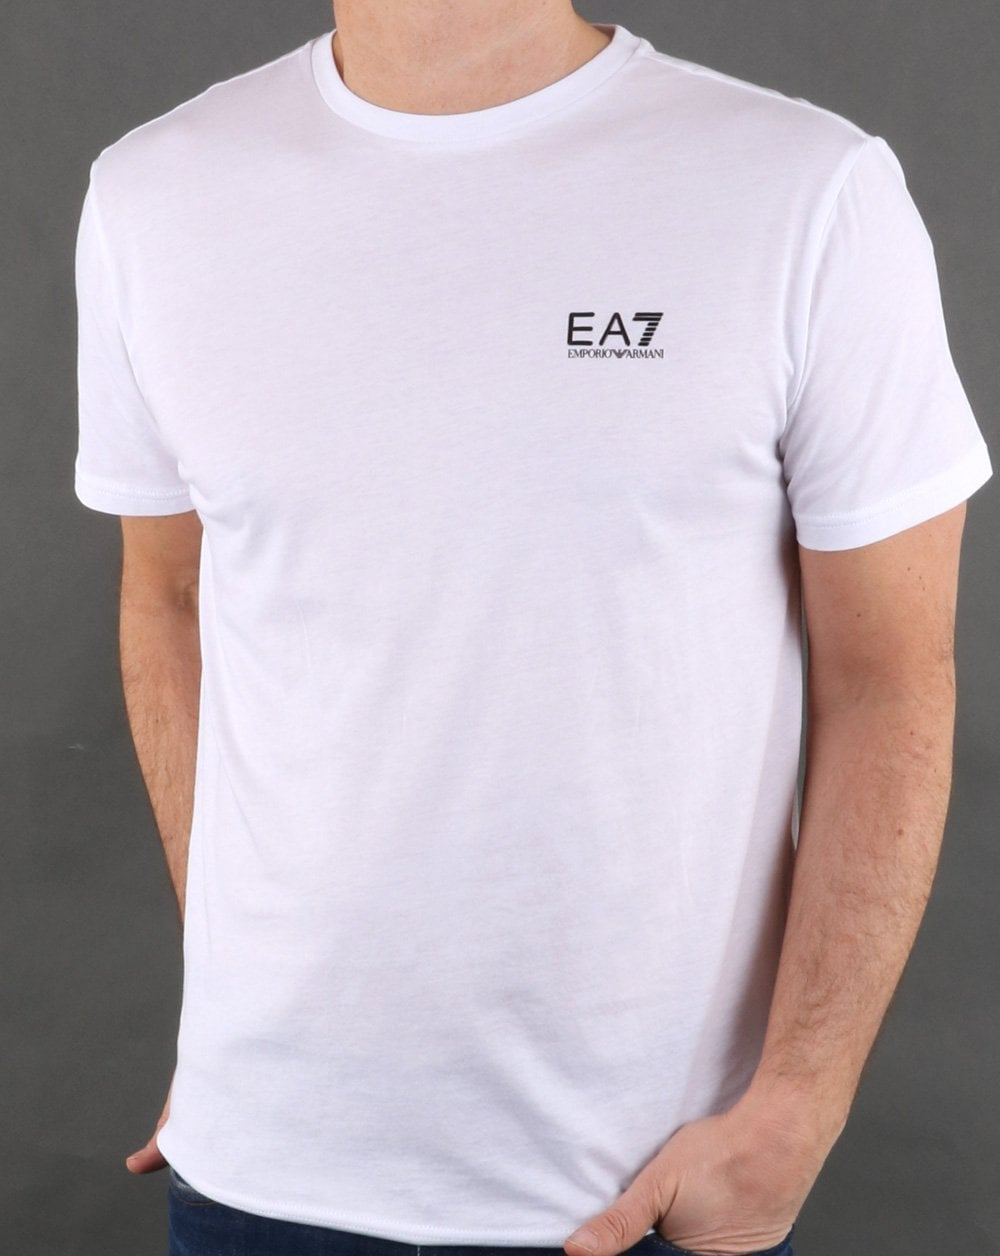 28ce6e1cb Emporio Armani EA7 Emporio Armani EA7 Core T Shirt White